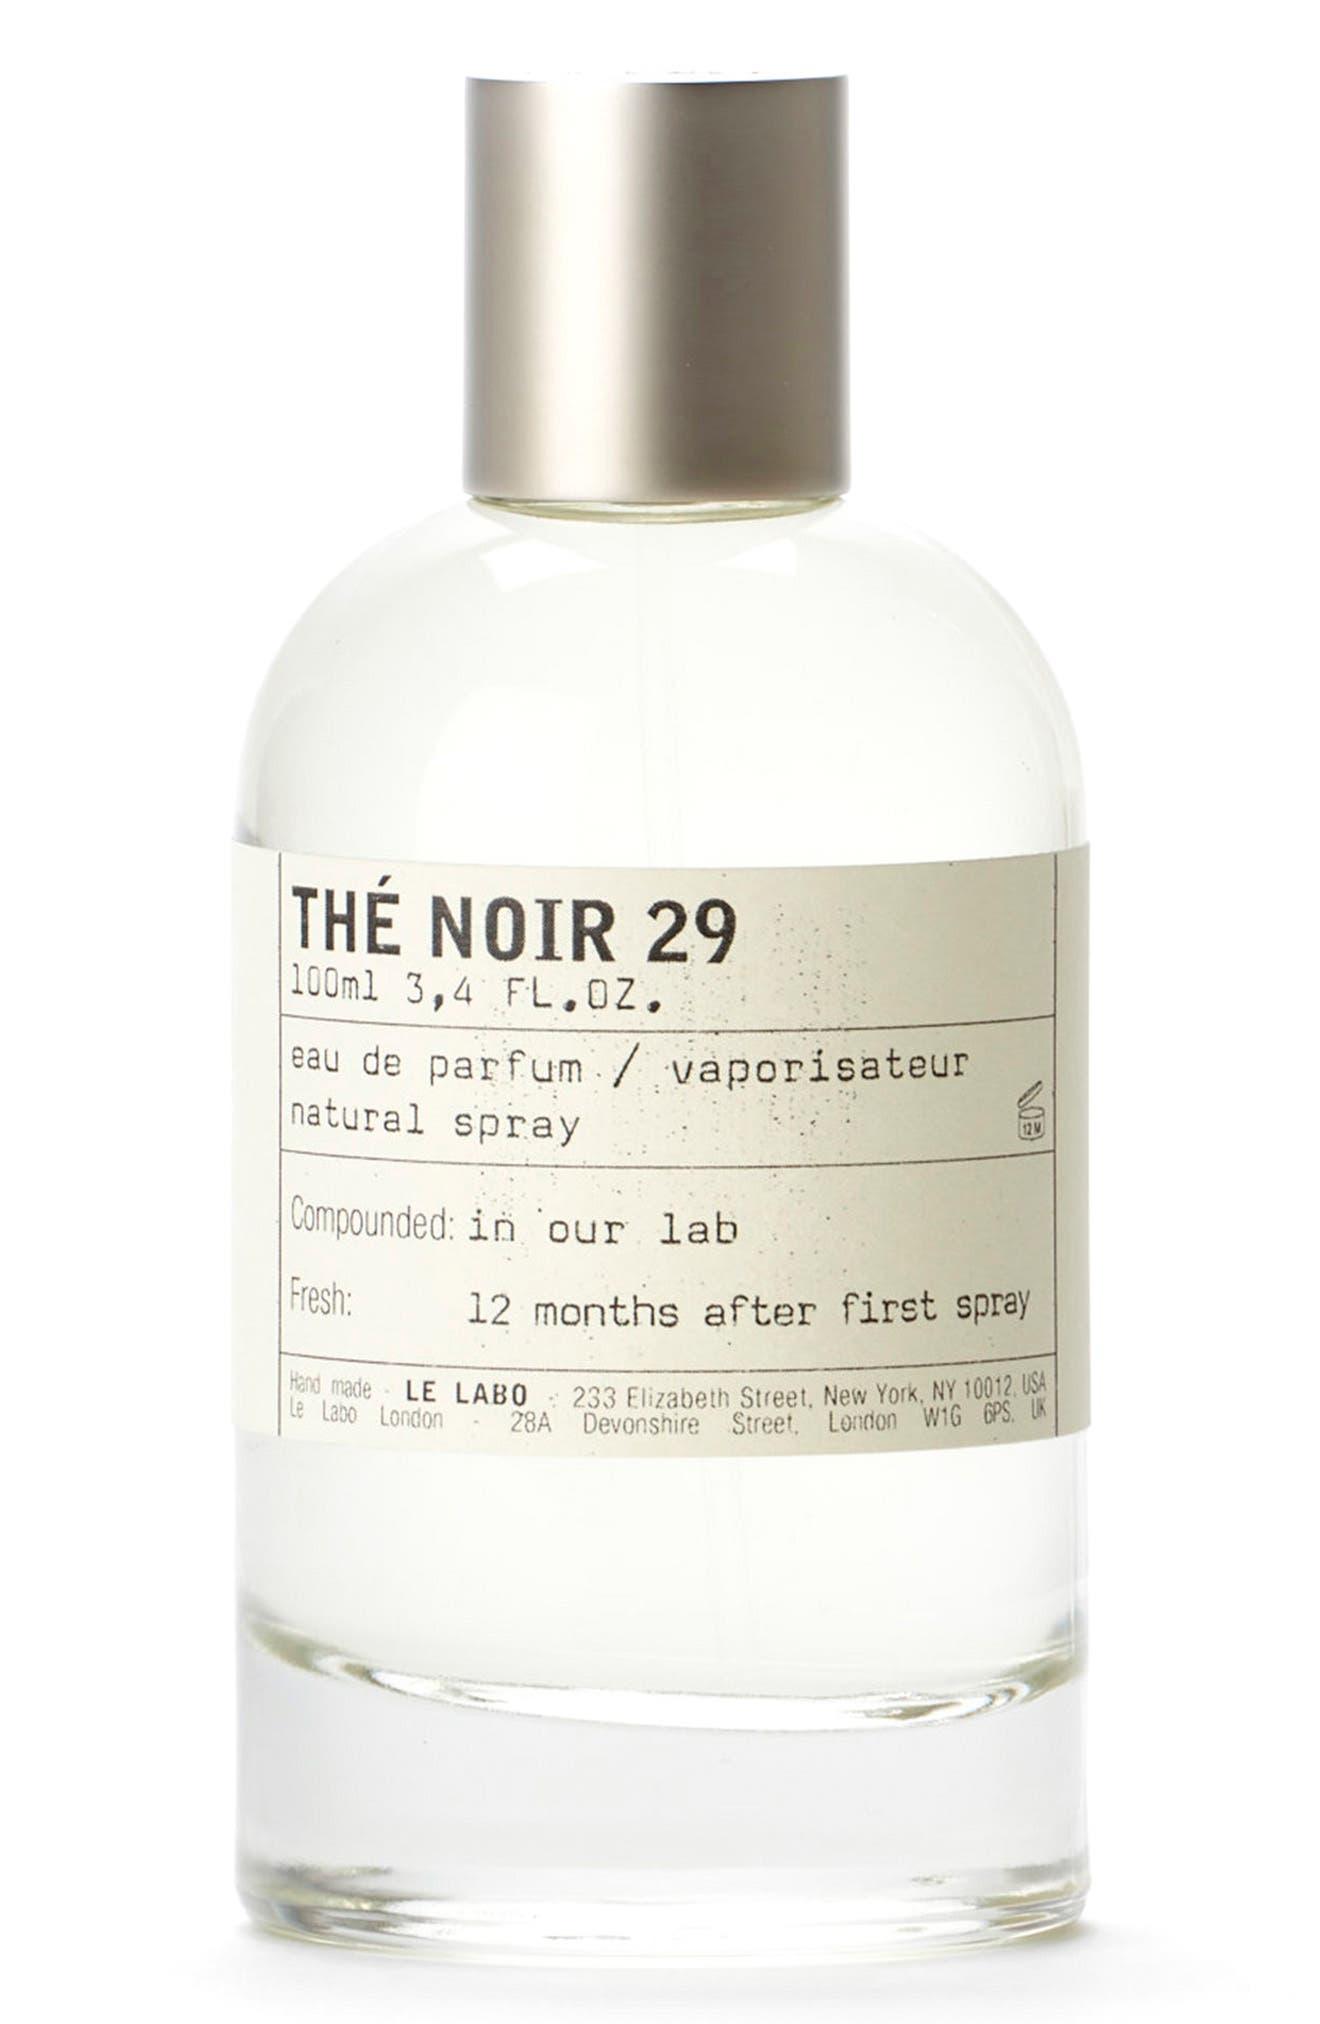 The Noir 29 Eau De Parfum